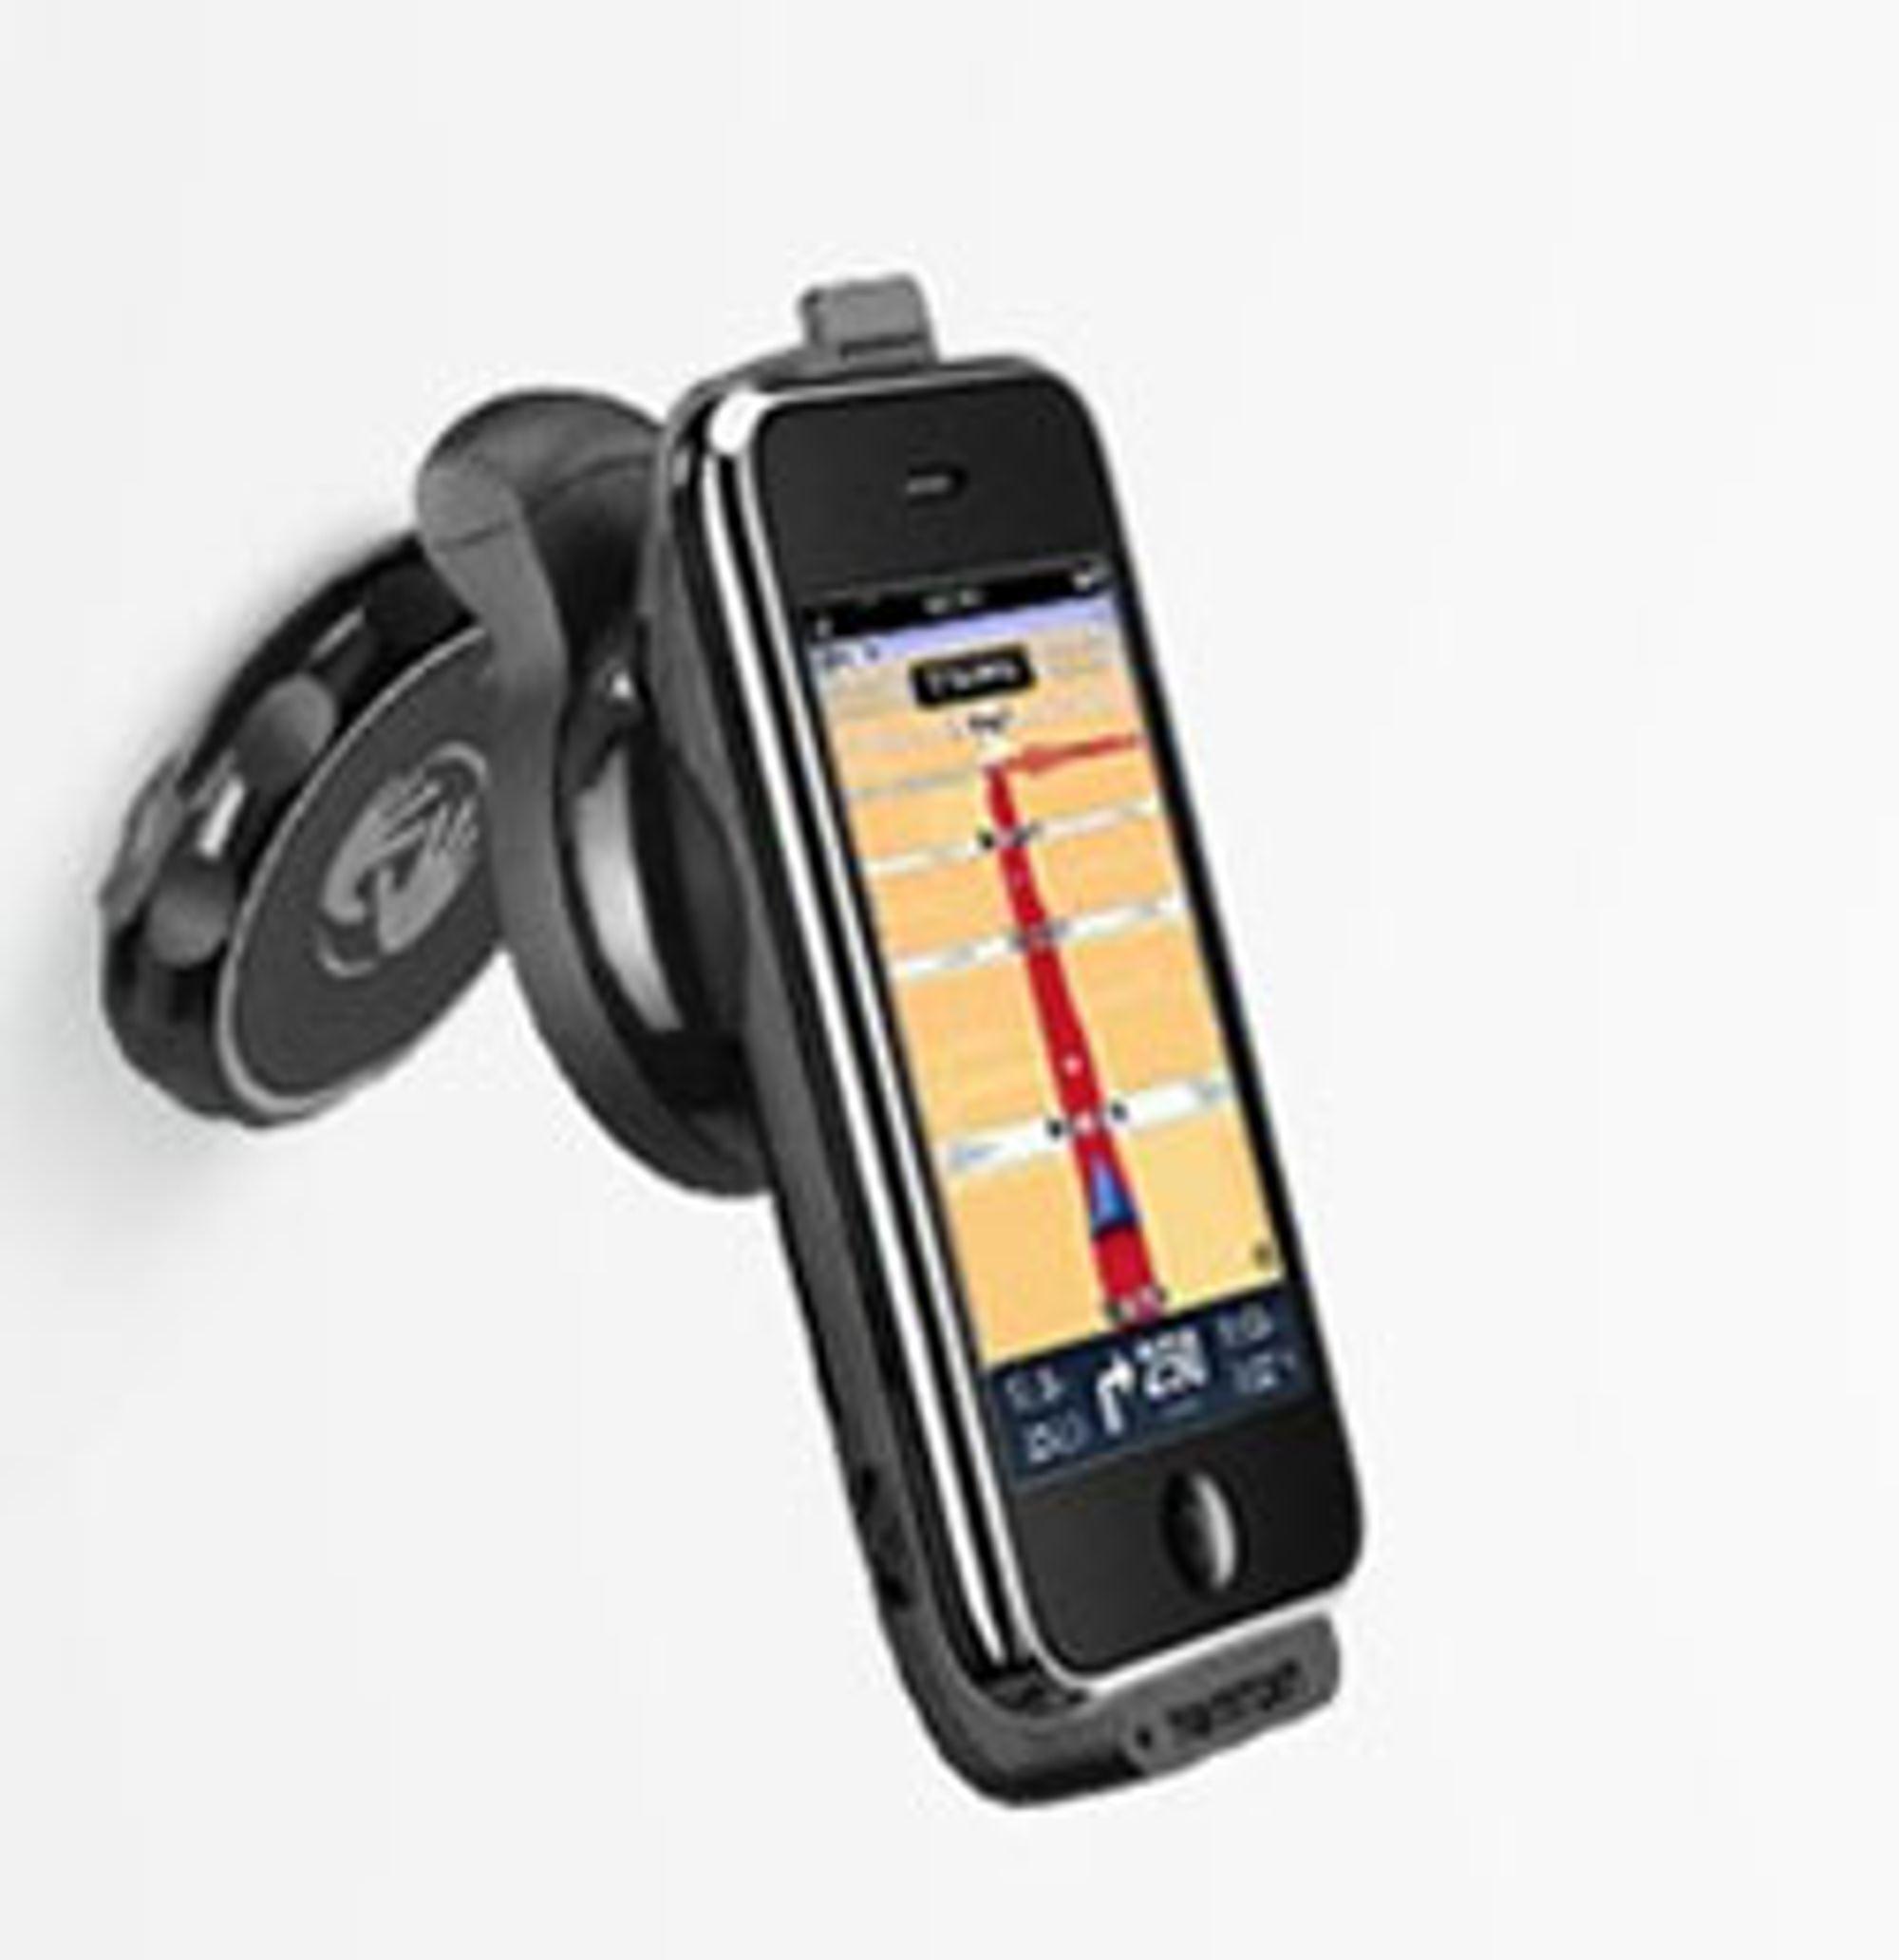 Tomtoms bilholder for Iphone. (Bilde: Tomtom)